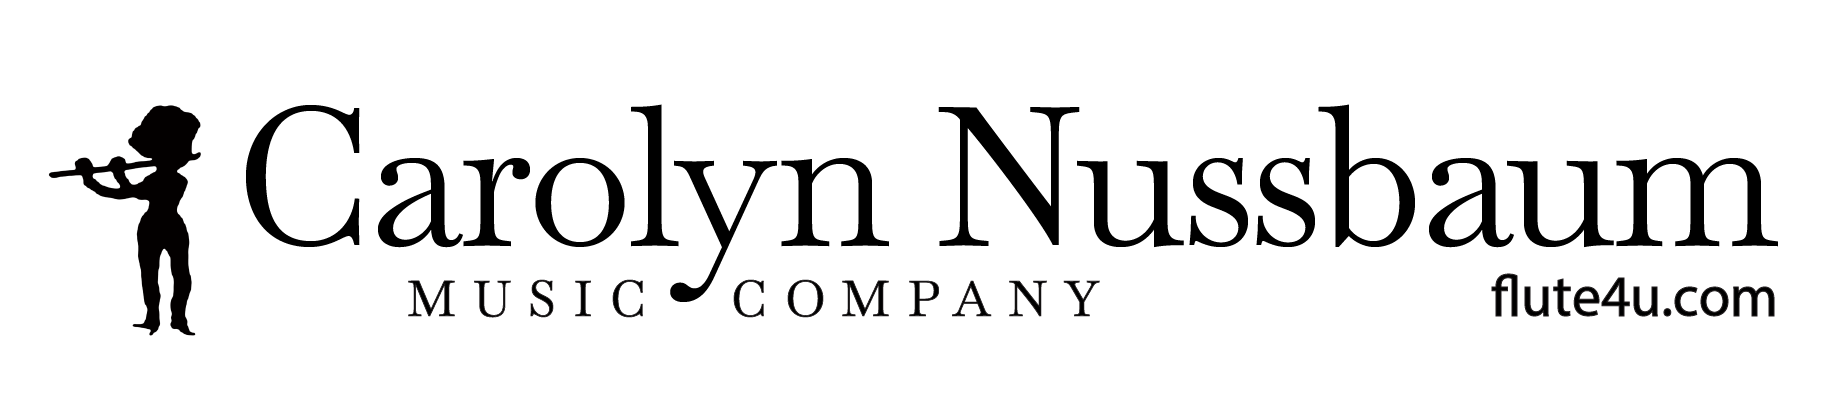 Carolyn Nussbaum Music Company